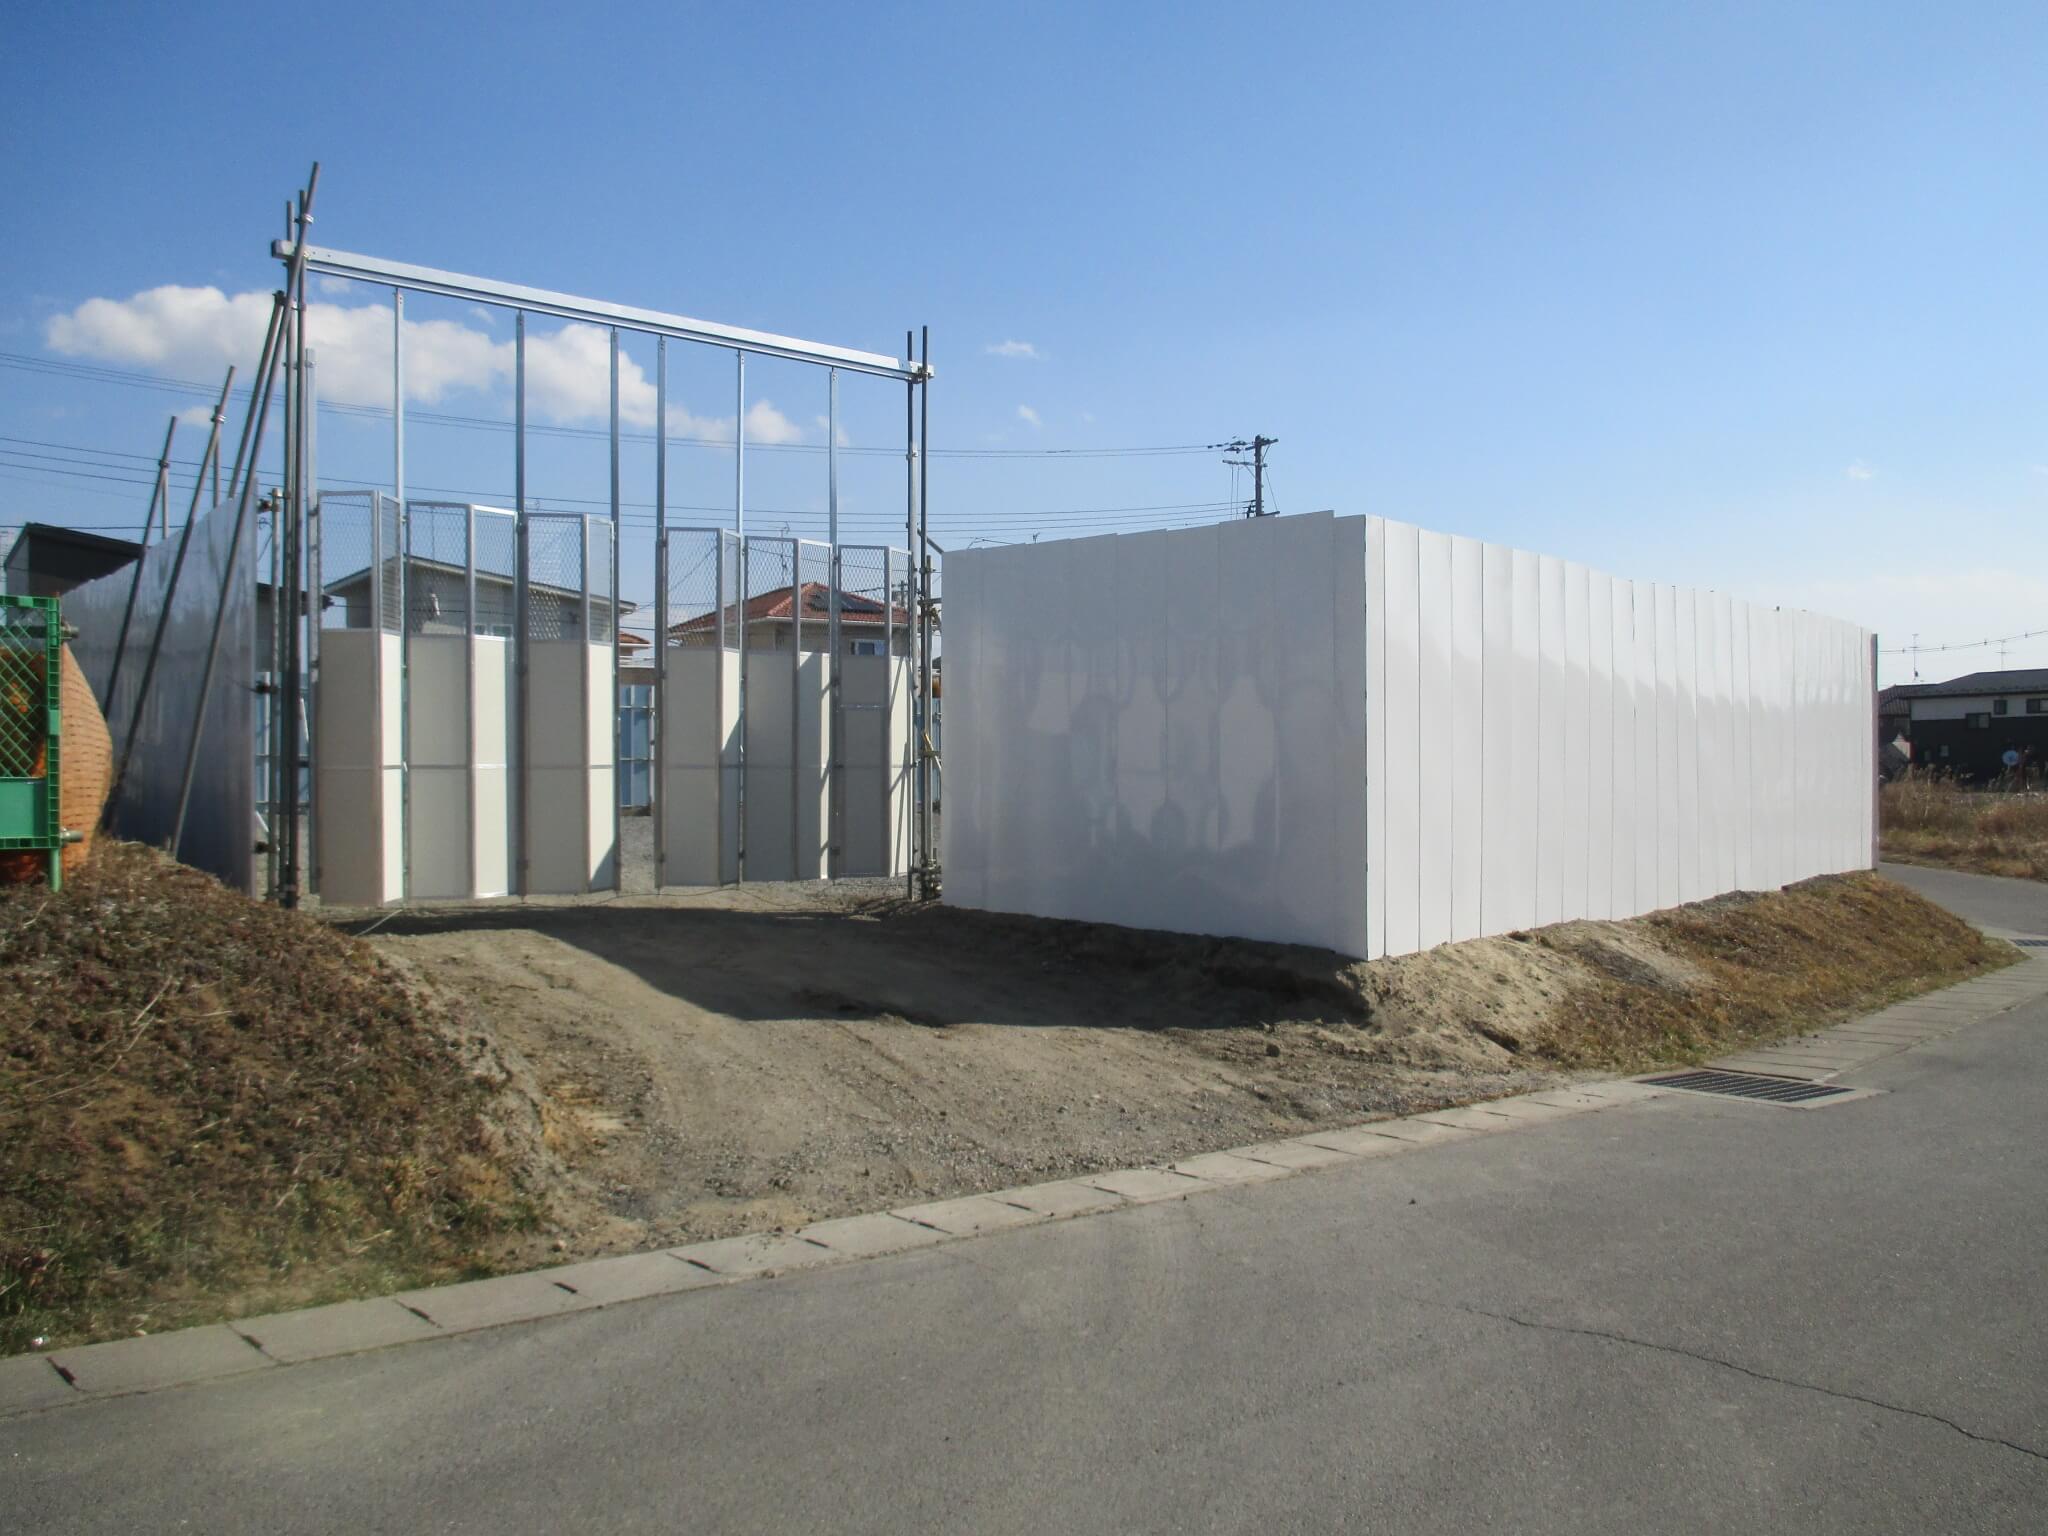 福島の足場施工会社セーフティーステップの事業 仮囲い、仮設ハウス等もご相談ください